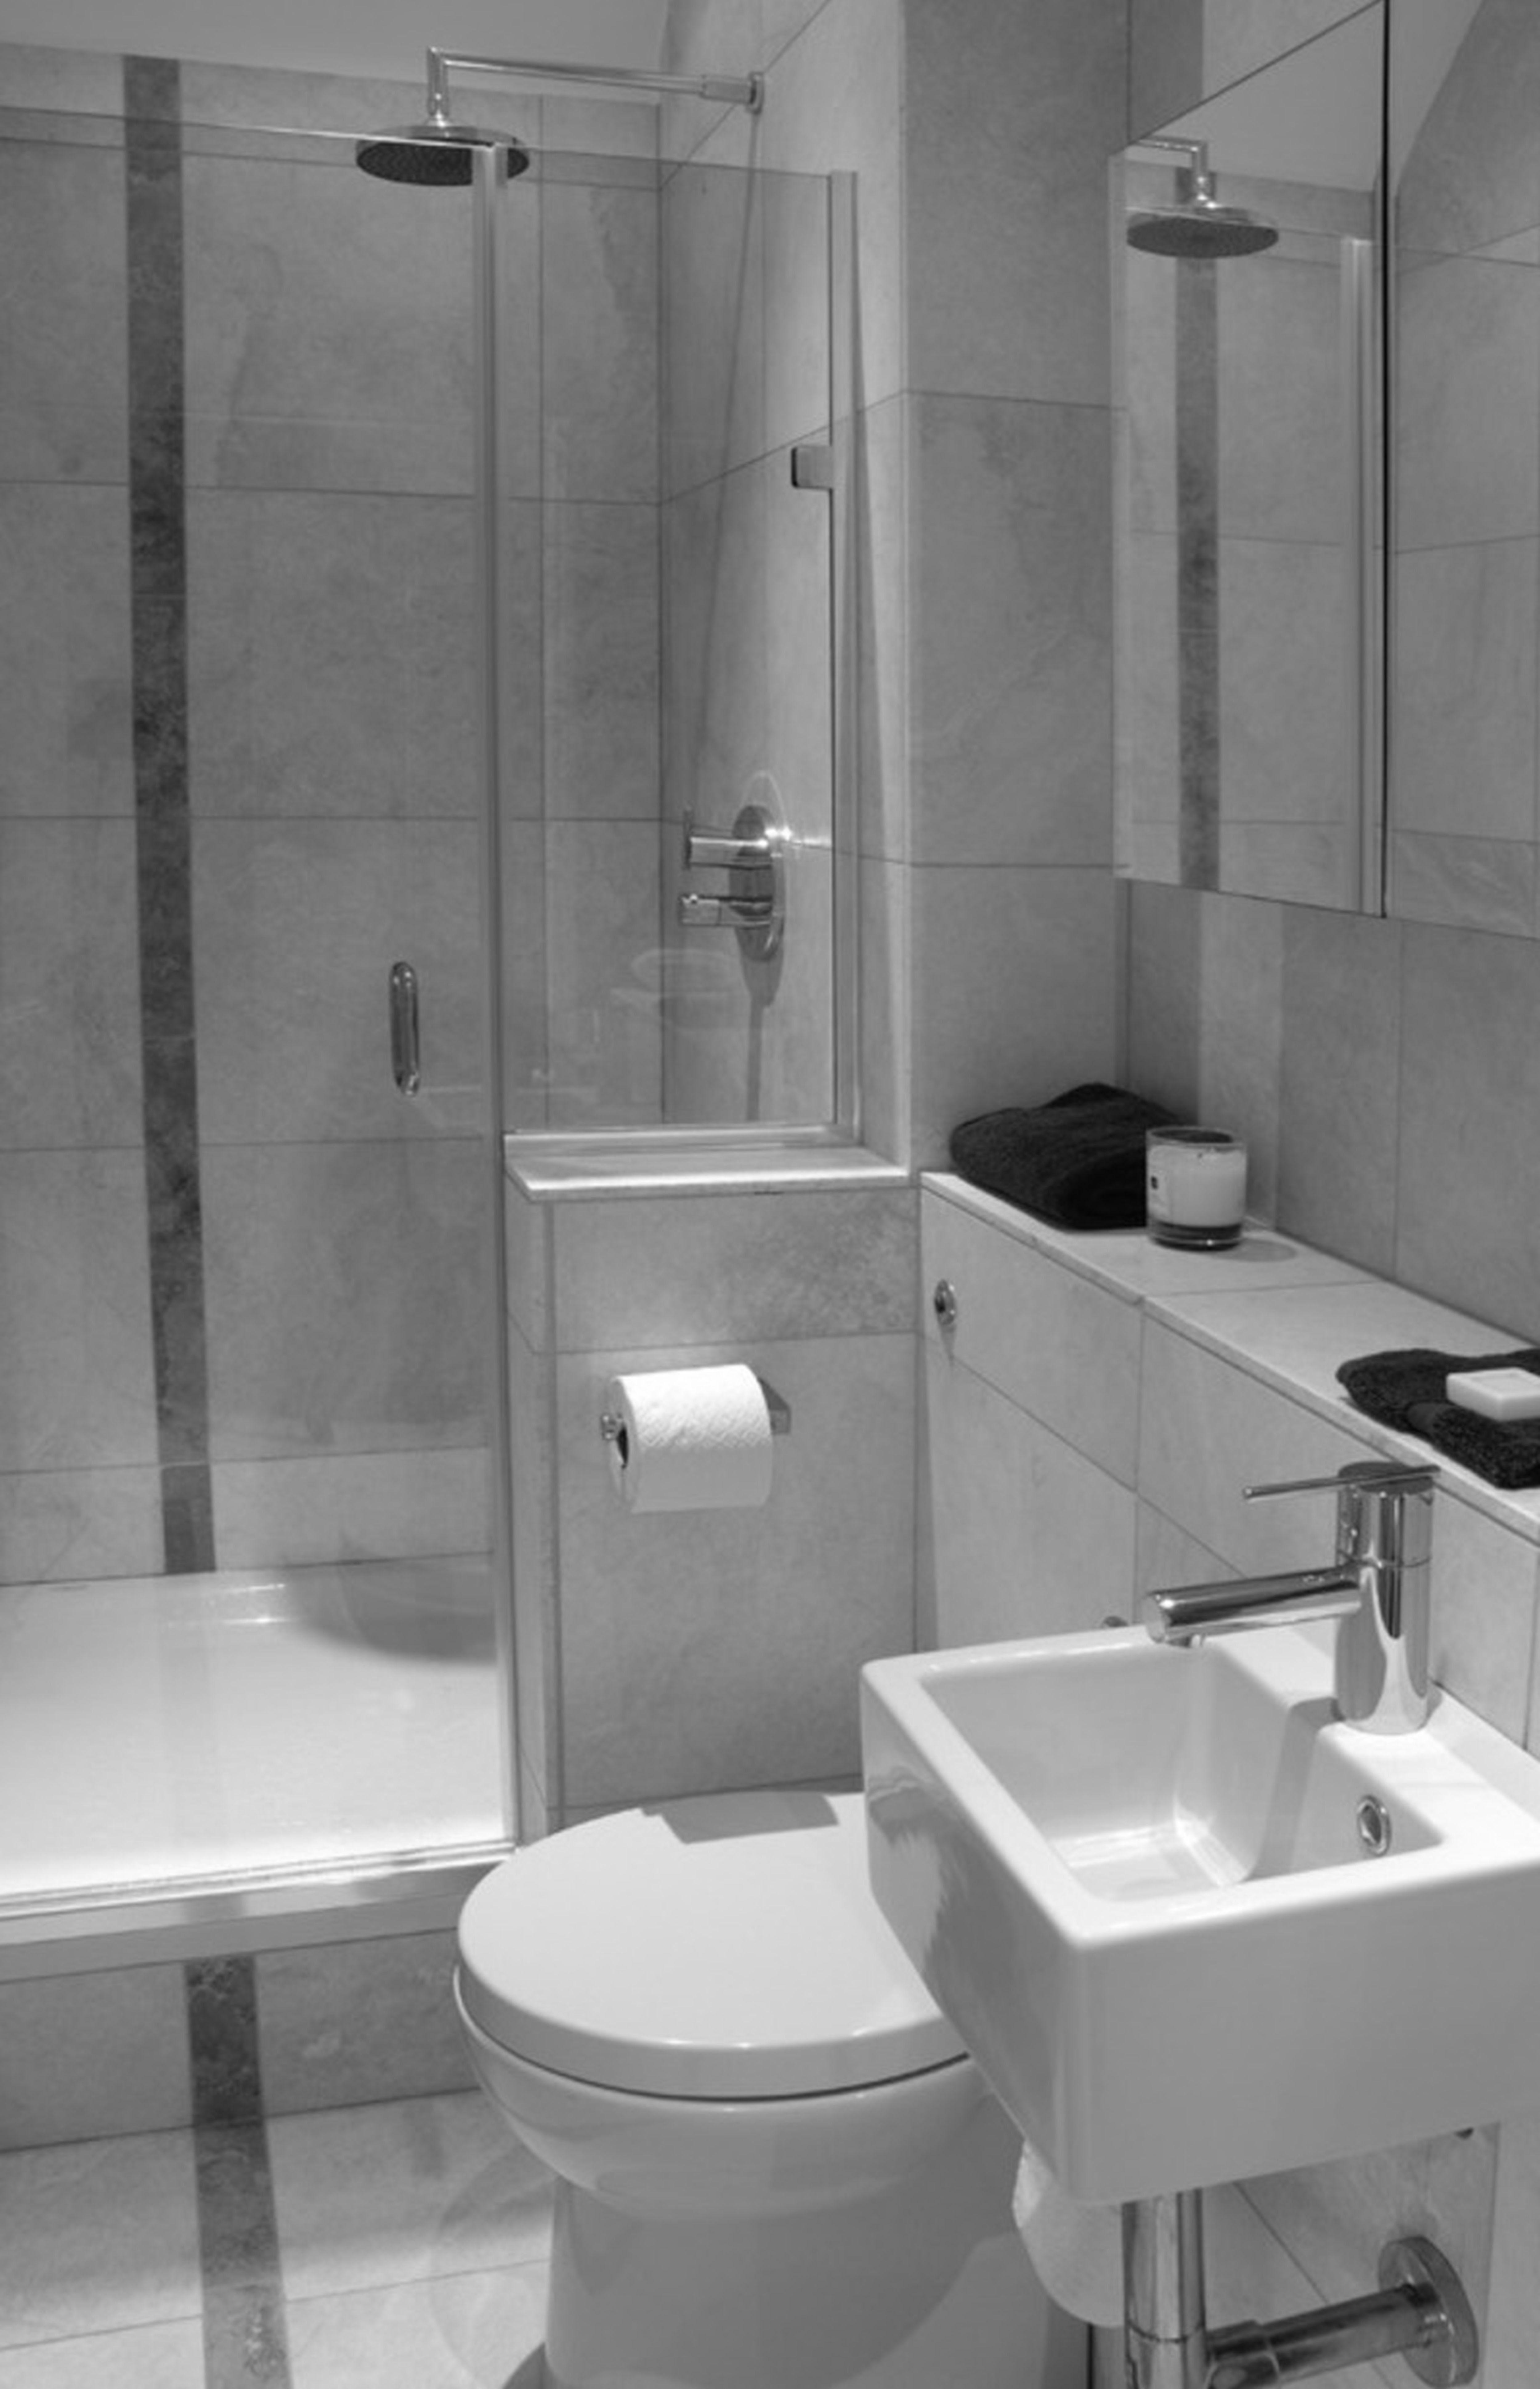 Die Besten Kleine Badezimmer Entwürfe  Kleine badezimmer, Kleines